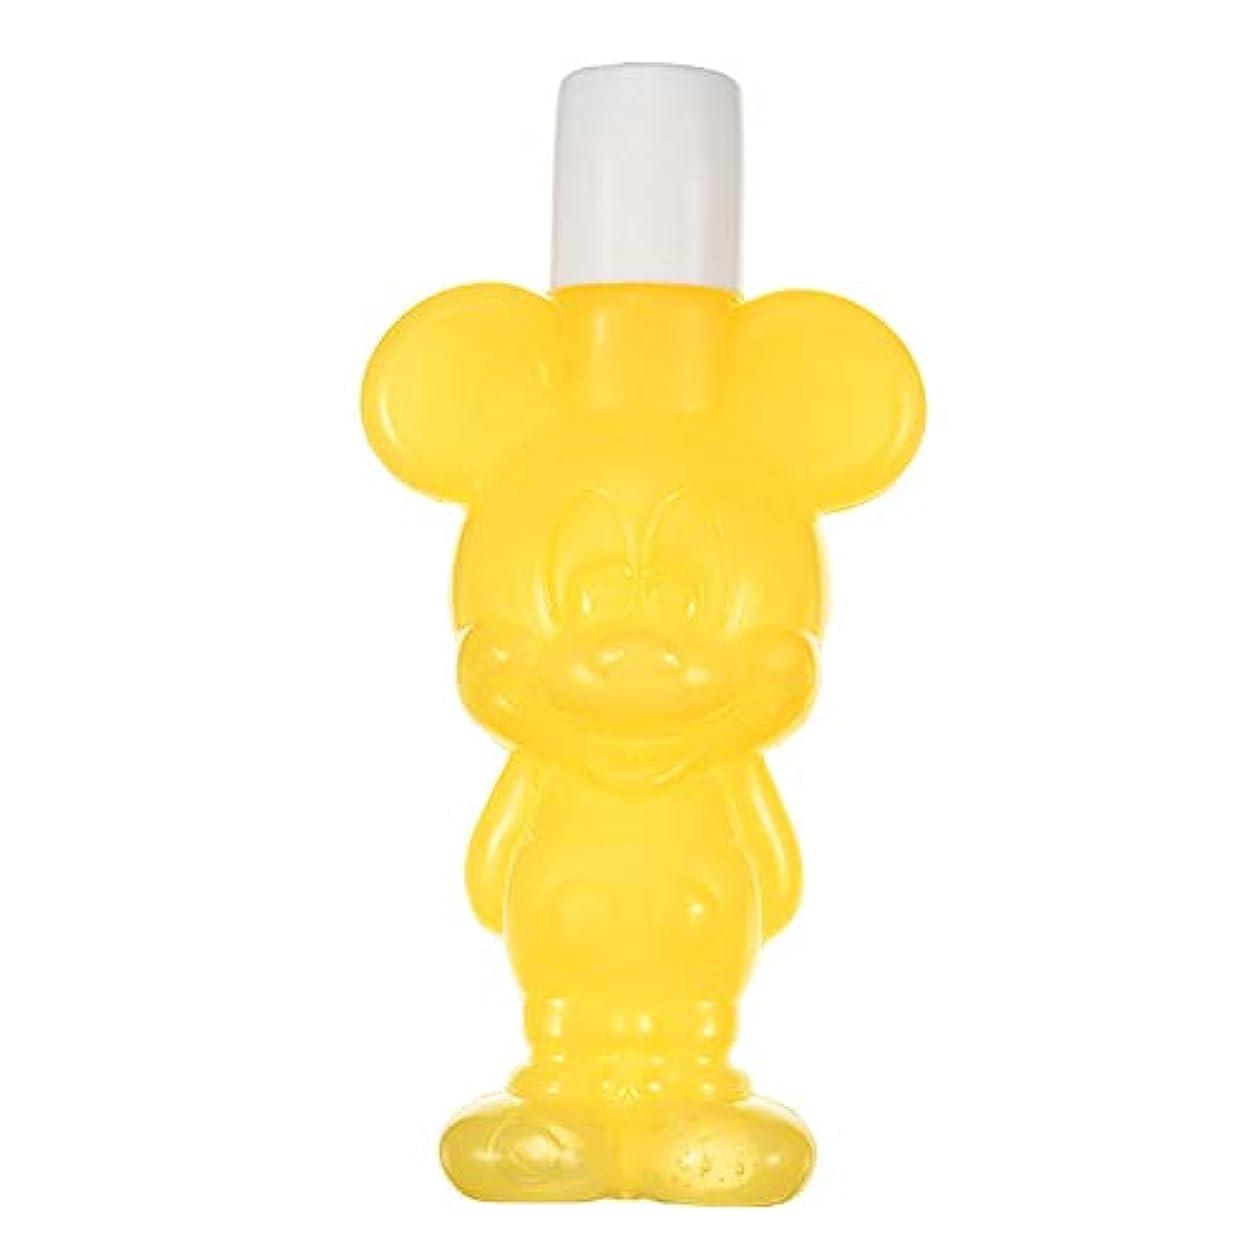 書店師匠異邦人ディズニーストア(公式)保湿ジェル ミッキー イエロー Gummy Candy Cosme